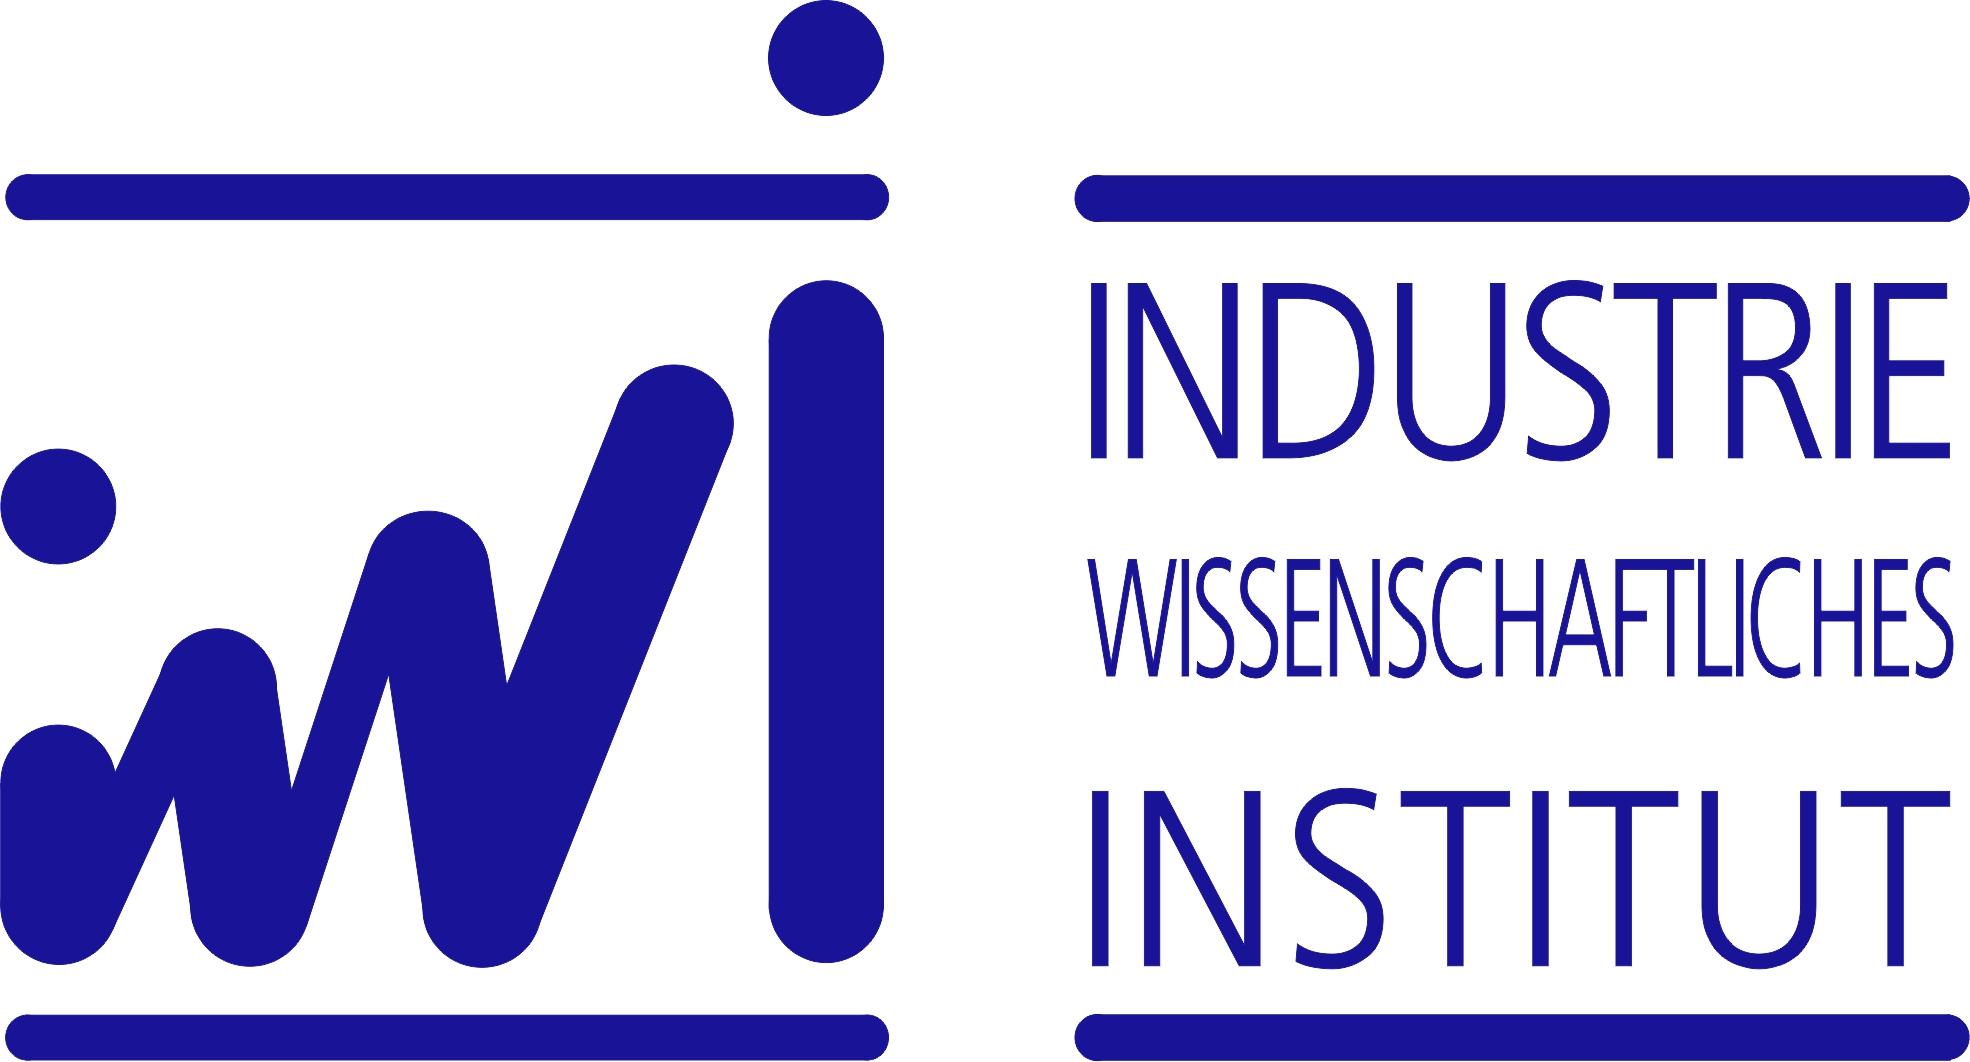 Industriewissenschaftliches Institut (IWI)